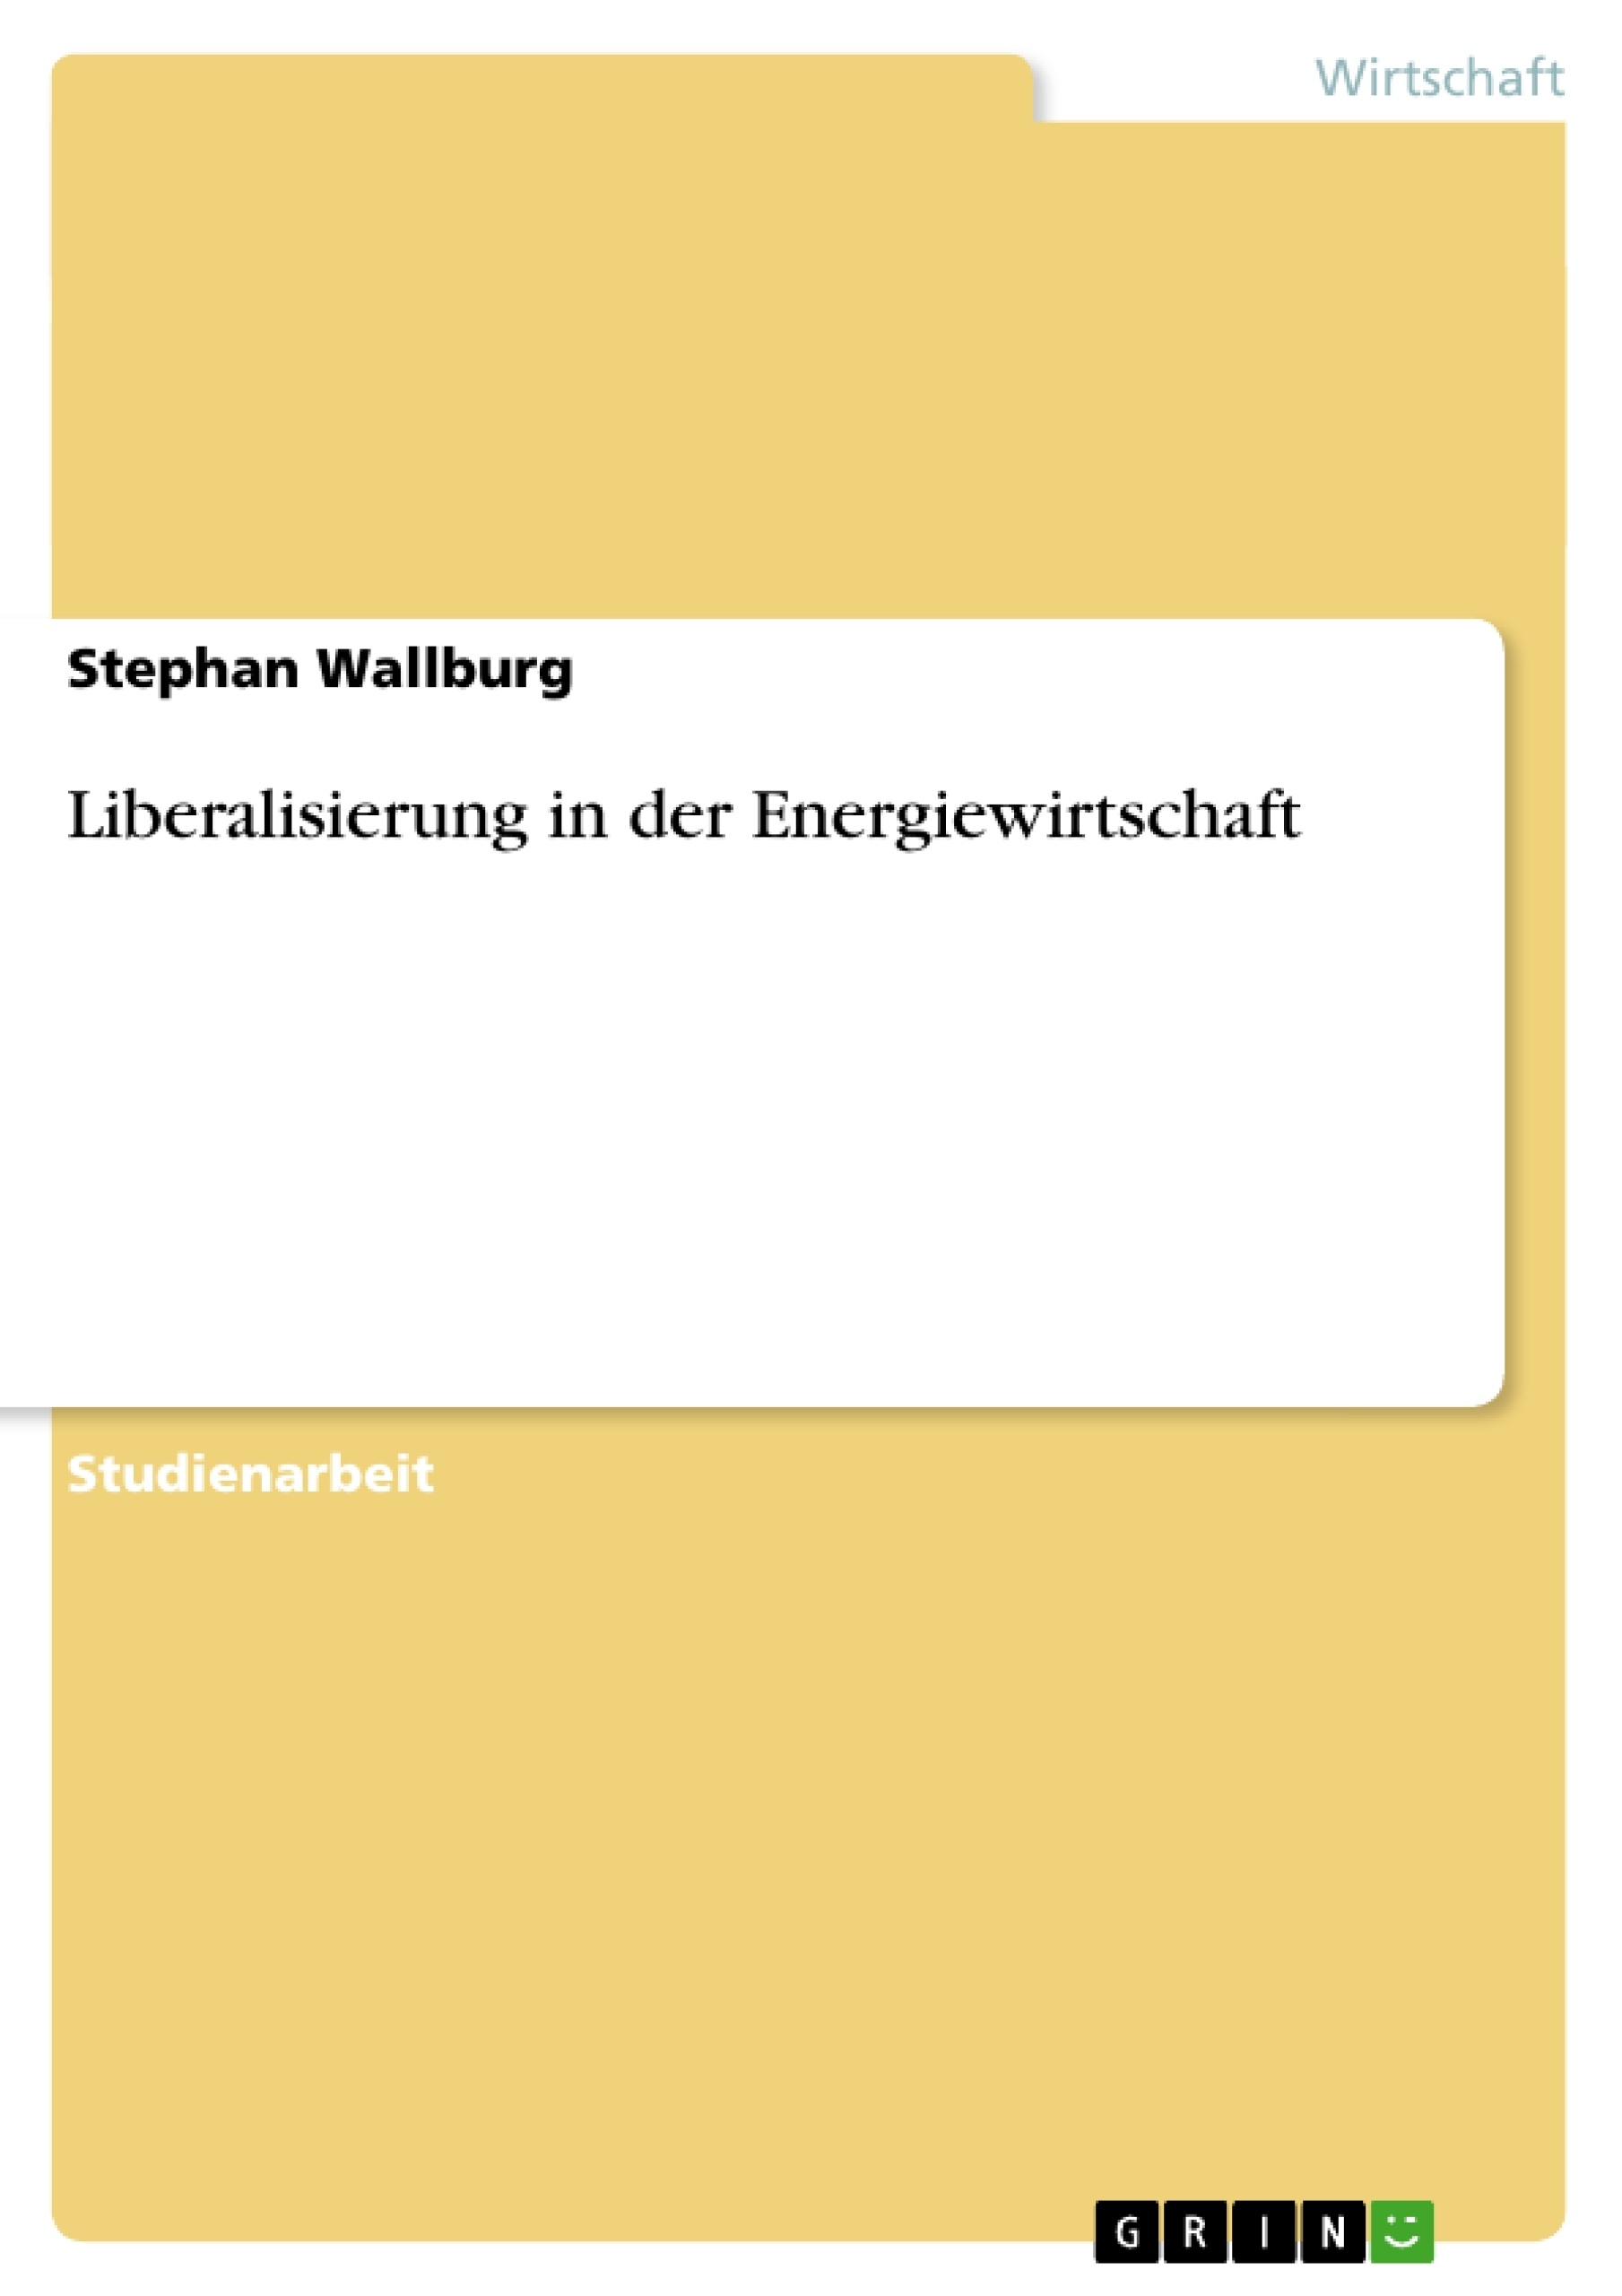 Titel: Liberalisierung in der Energiewirtschaft